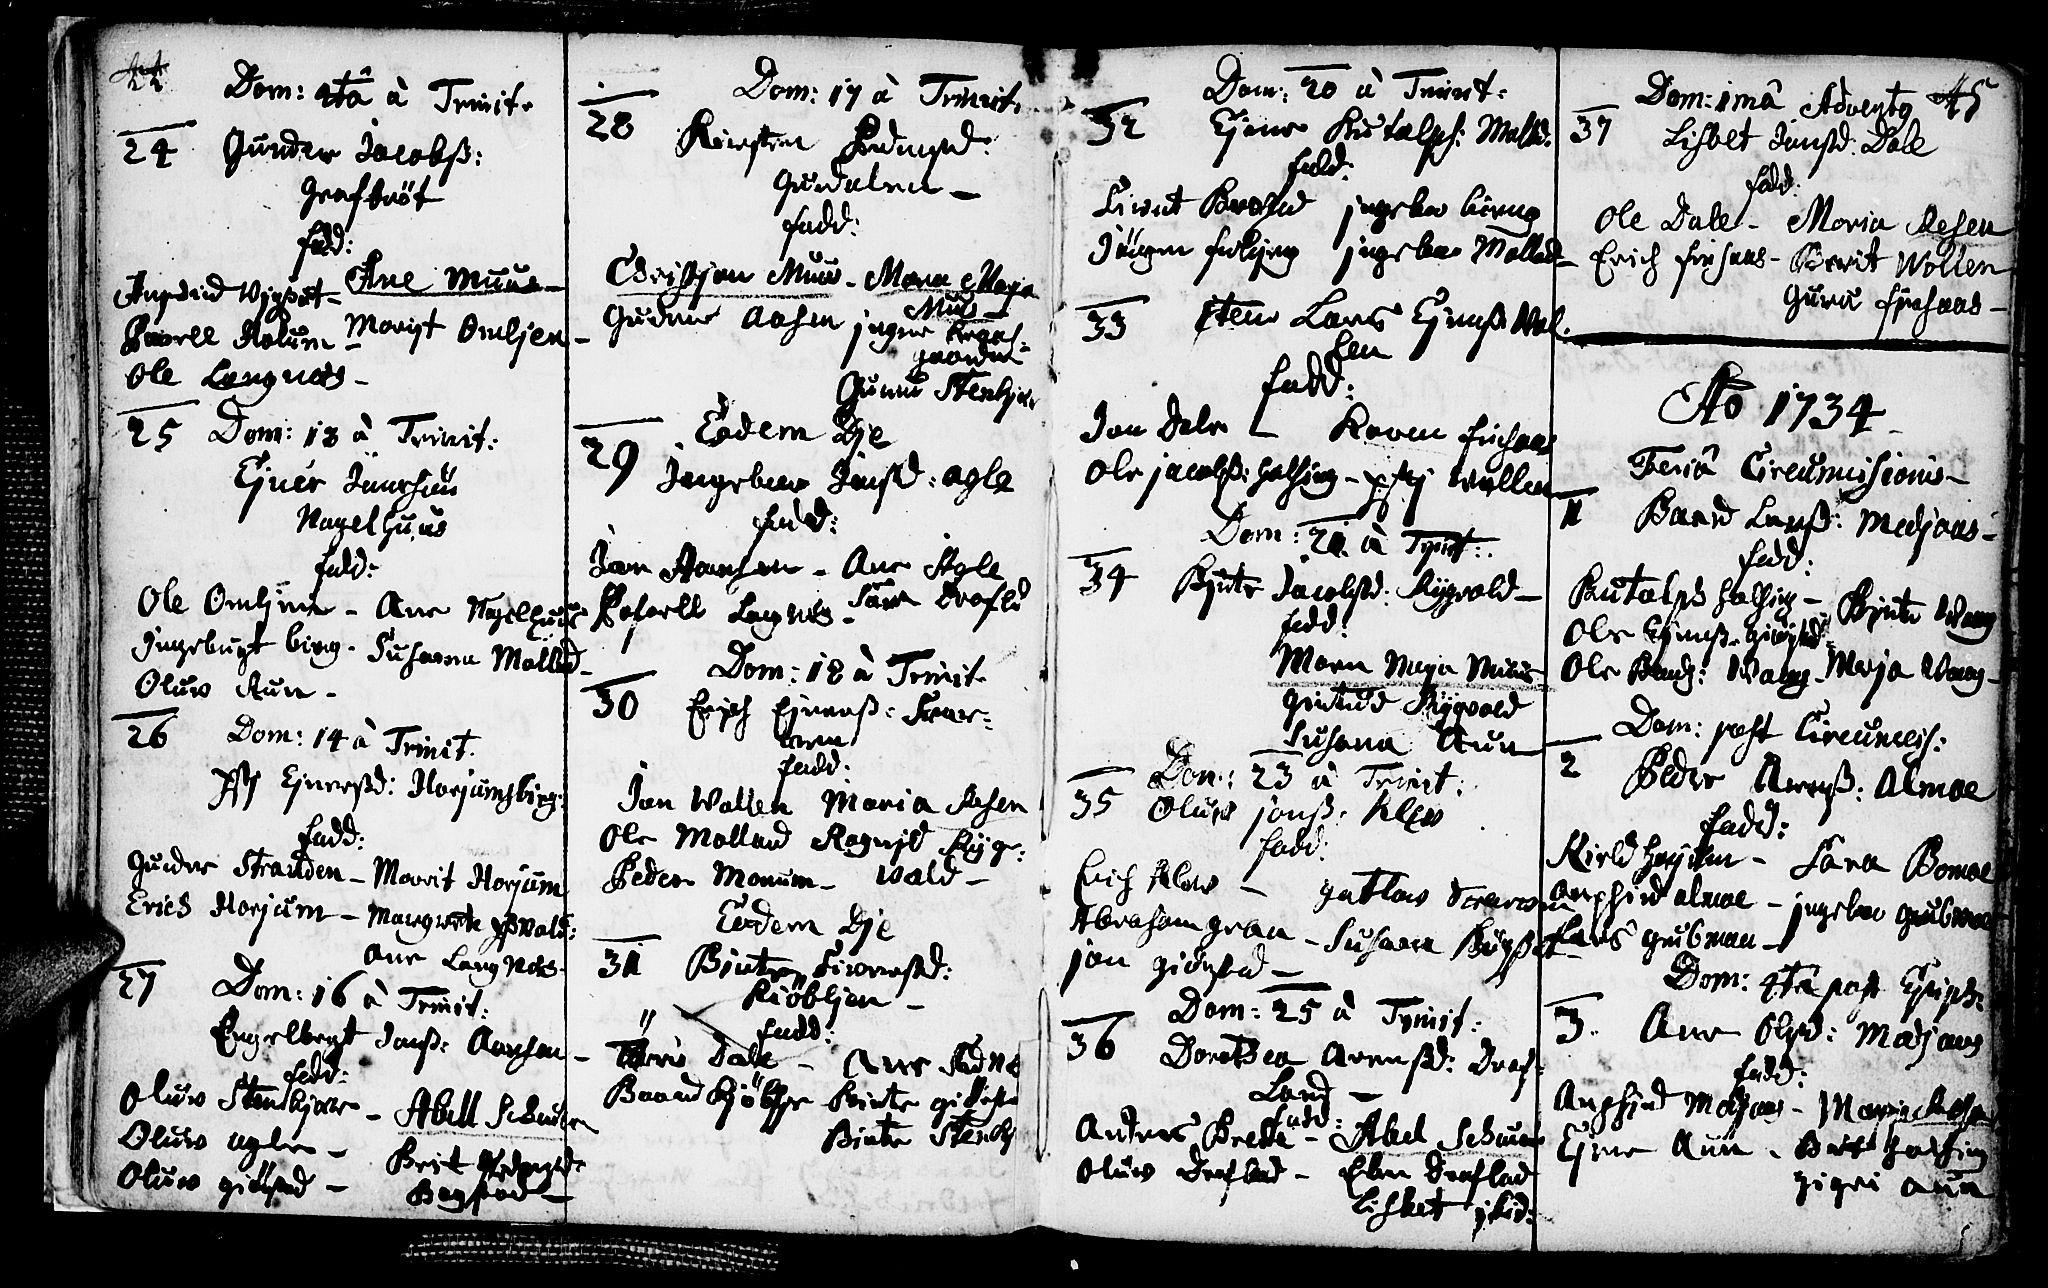 SAT, Ministerialprotokoller, klokkerbøker og fødselsregistre - Nord-Trøndelag, 749/L0467: Ministerialbok nr. 749A01, 1733-1787, s. 44-45